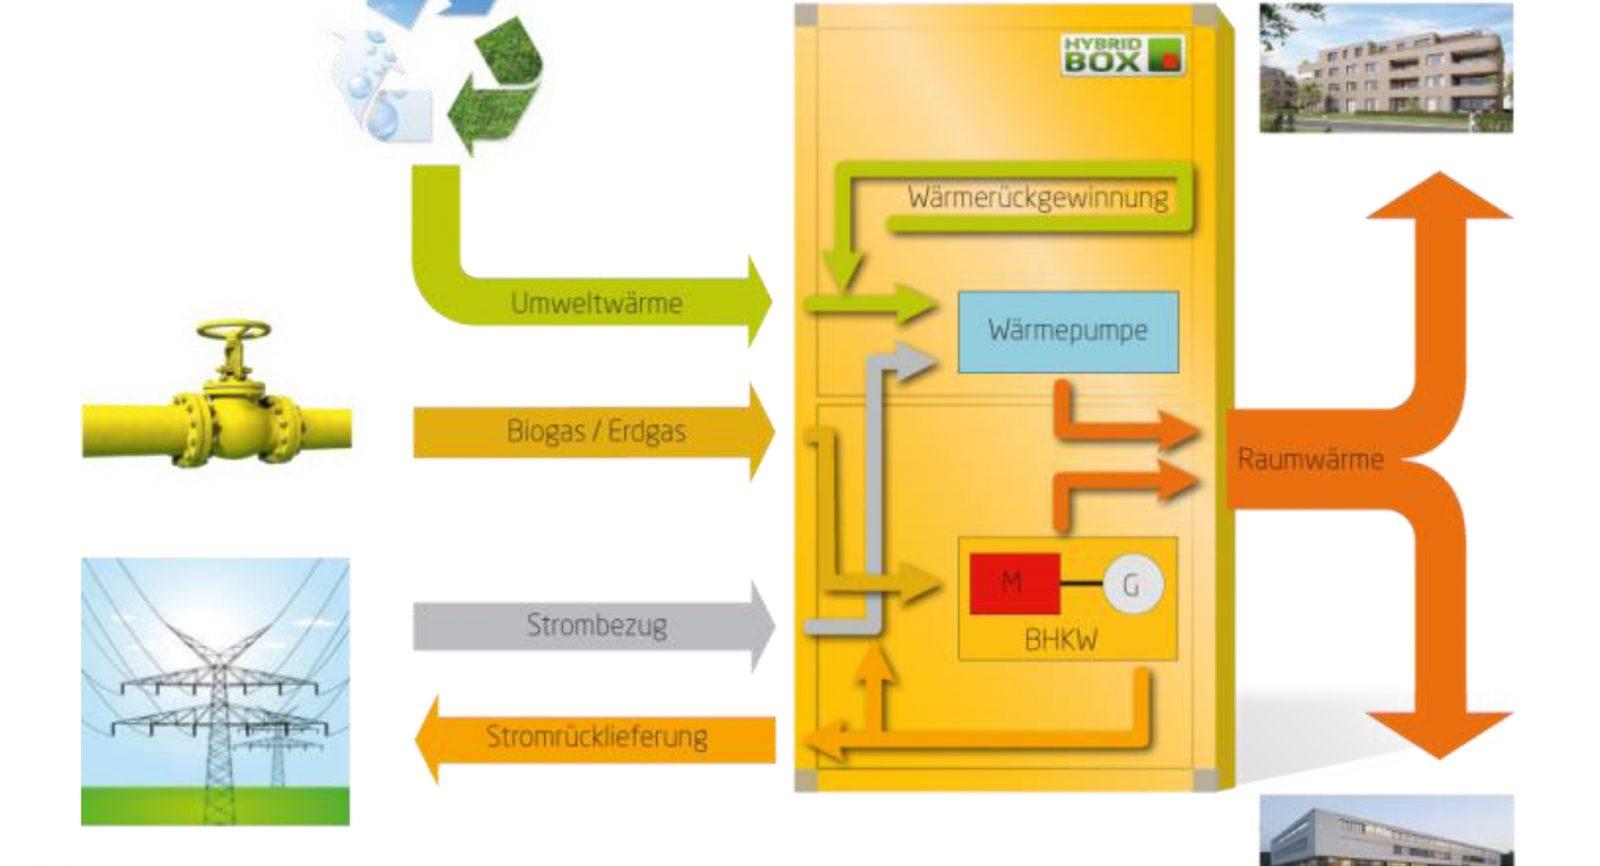 Umwelt- und Abwärme einerseits, erneuerbares Methan und konventionelles Erdgas anderseits werden so genutzt, damit eine effiziente Wärme- und Strombereitstellung ermöglicht wird.